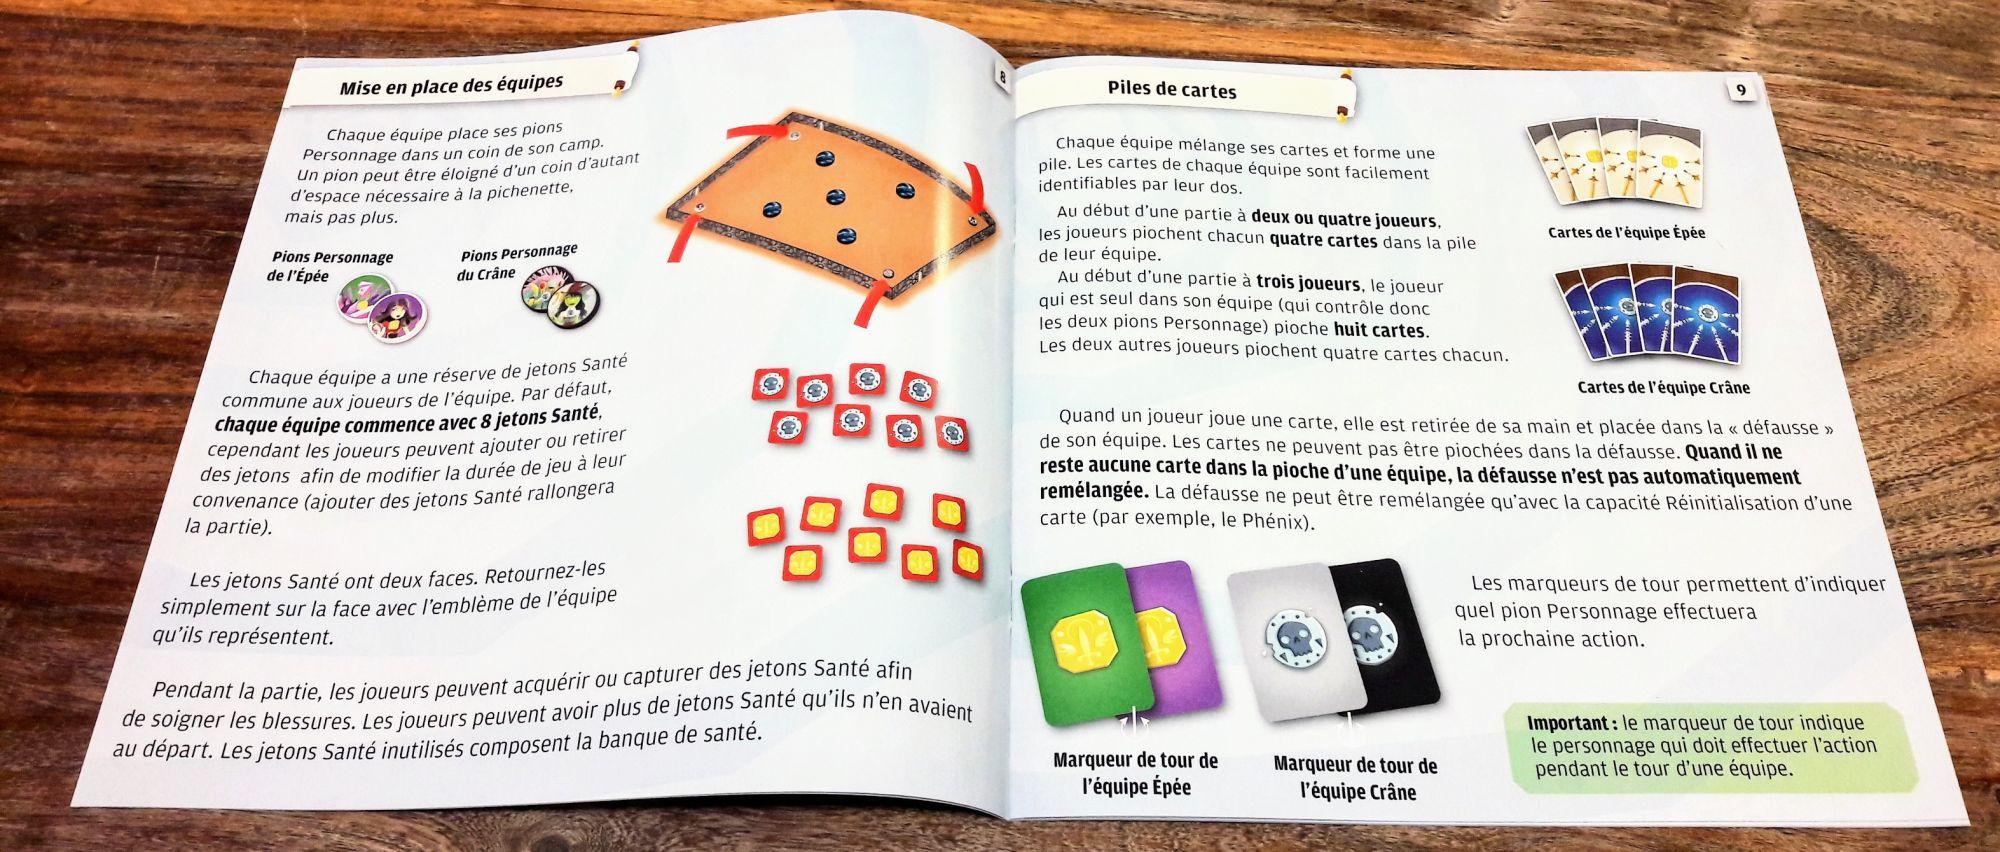 Les règles auraient mérité d'être réorganisé mais un début de partie illustre bien la mécanique du jeu.